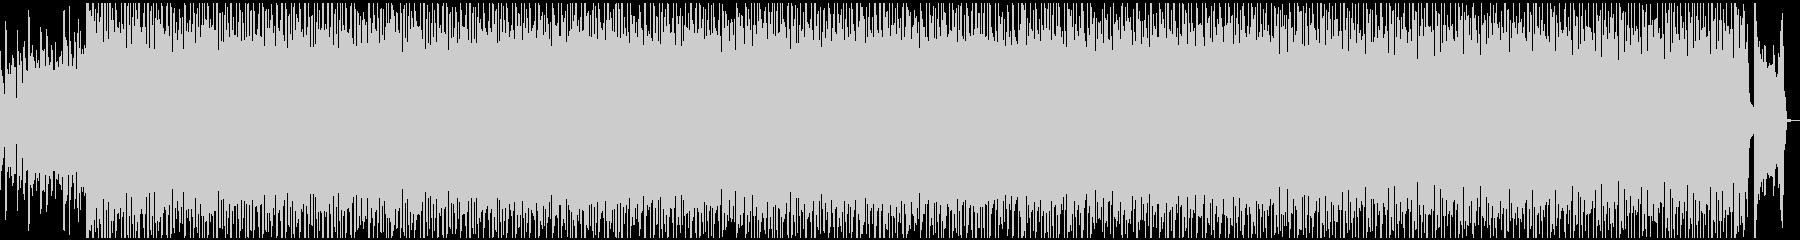 エキサイティングなオープニング曲の未再生の波形